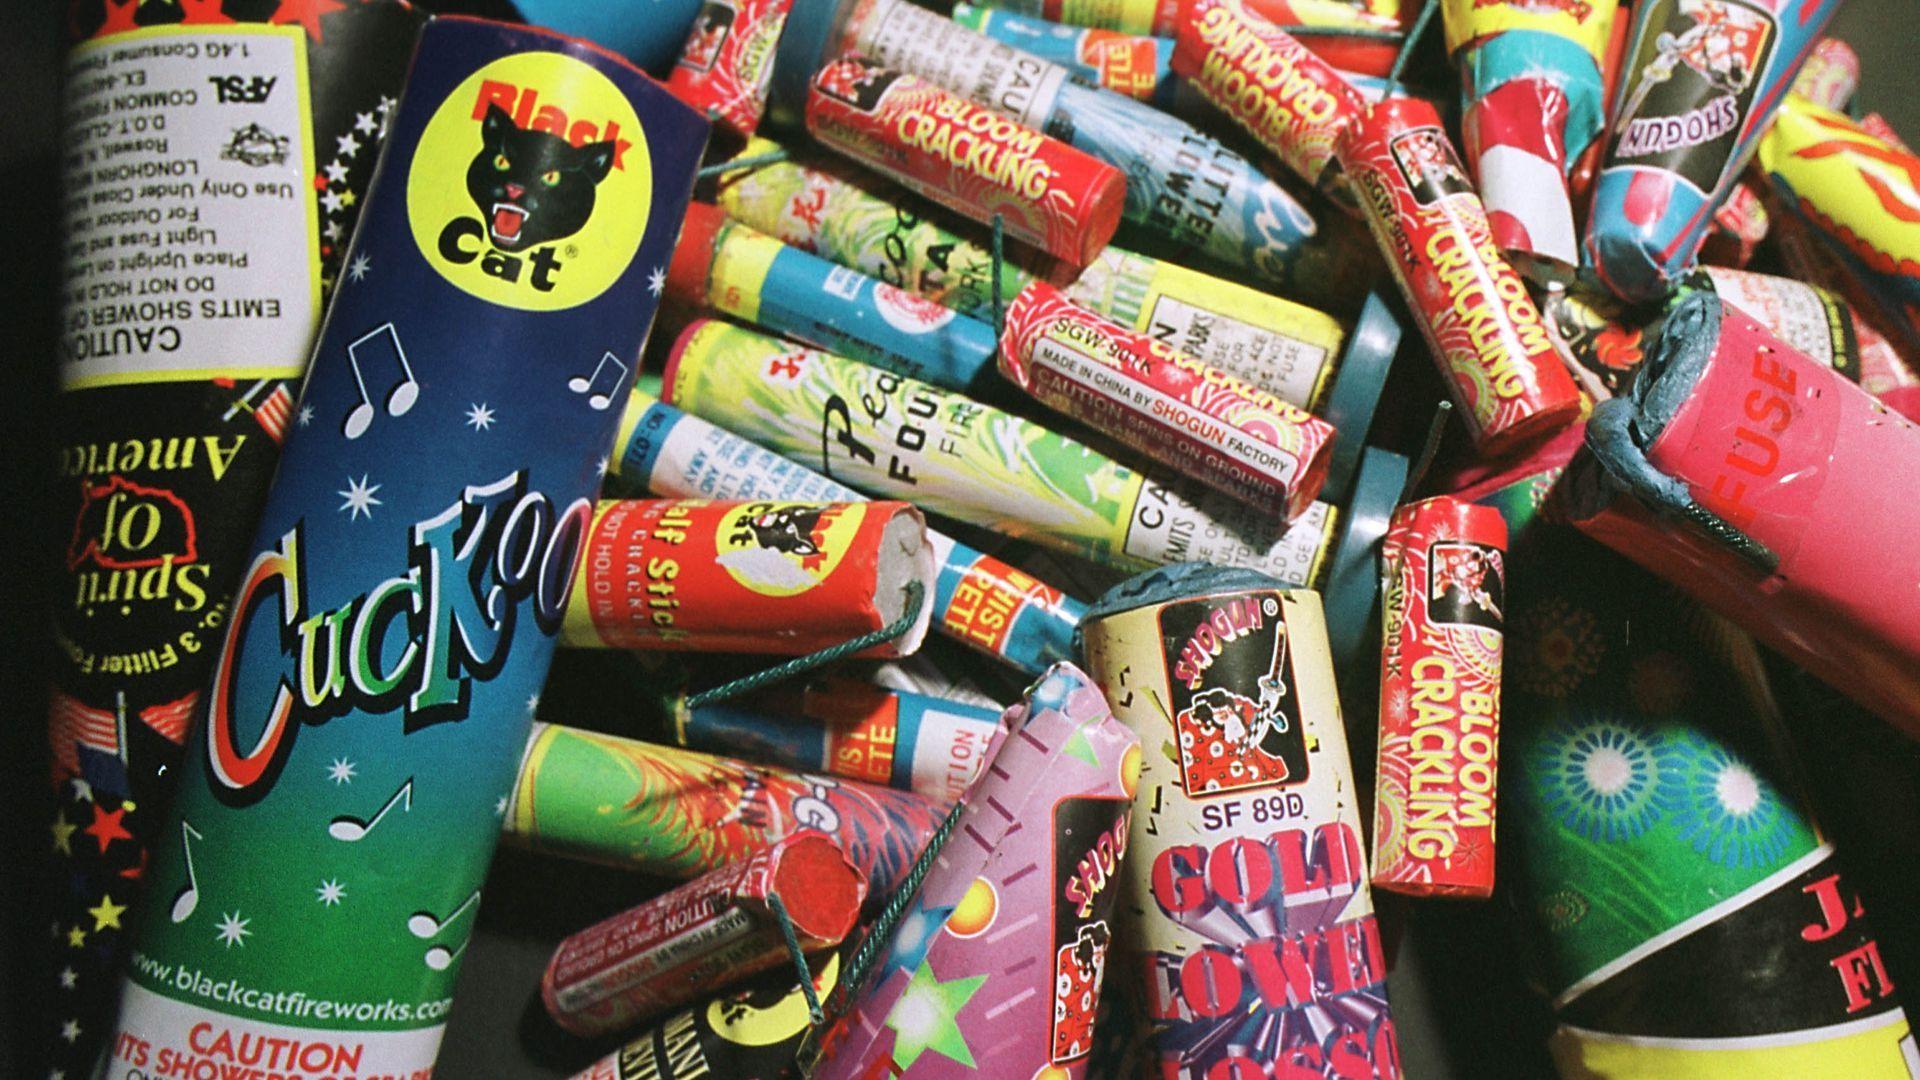 Dozens of colorful bottle rocket fireworks for sale.